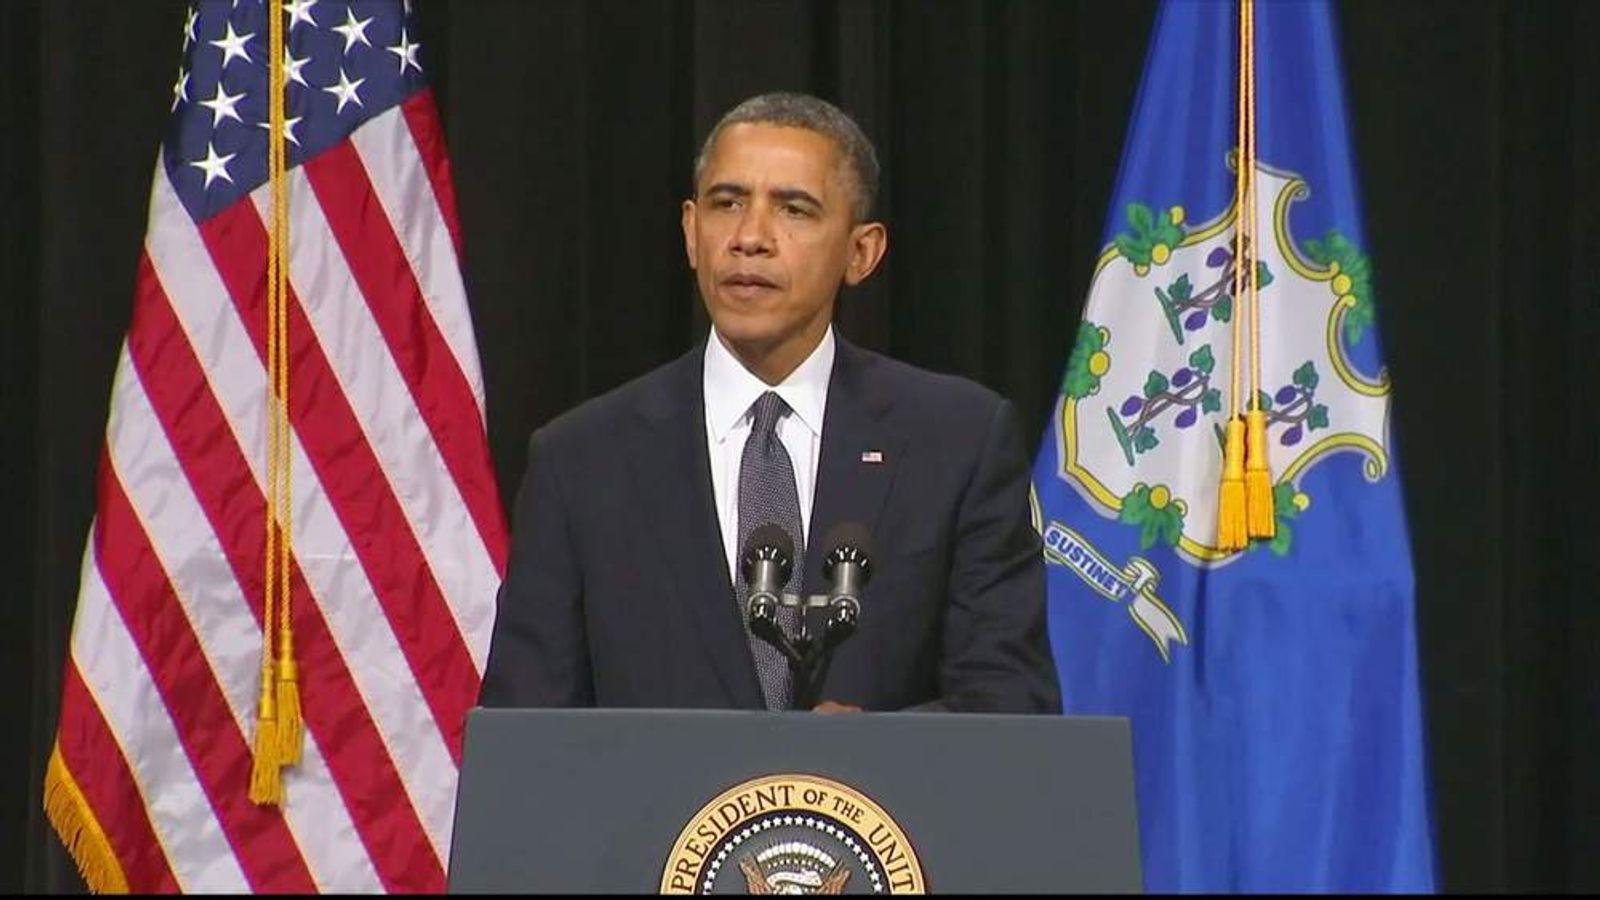 Obama at vigil